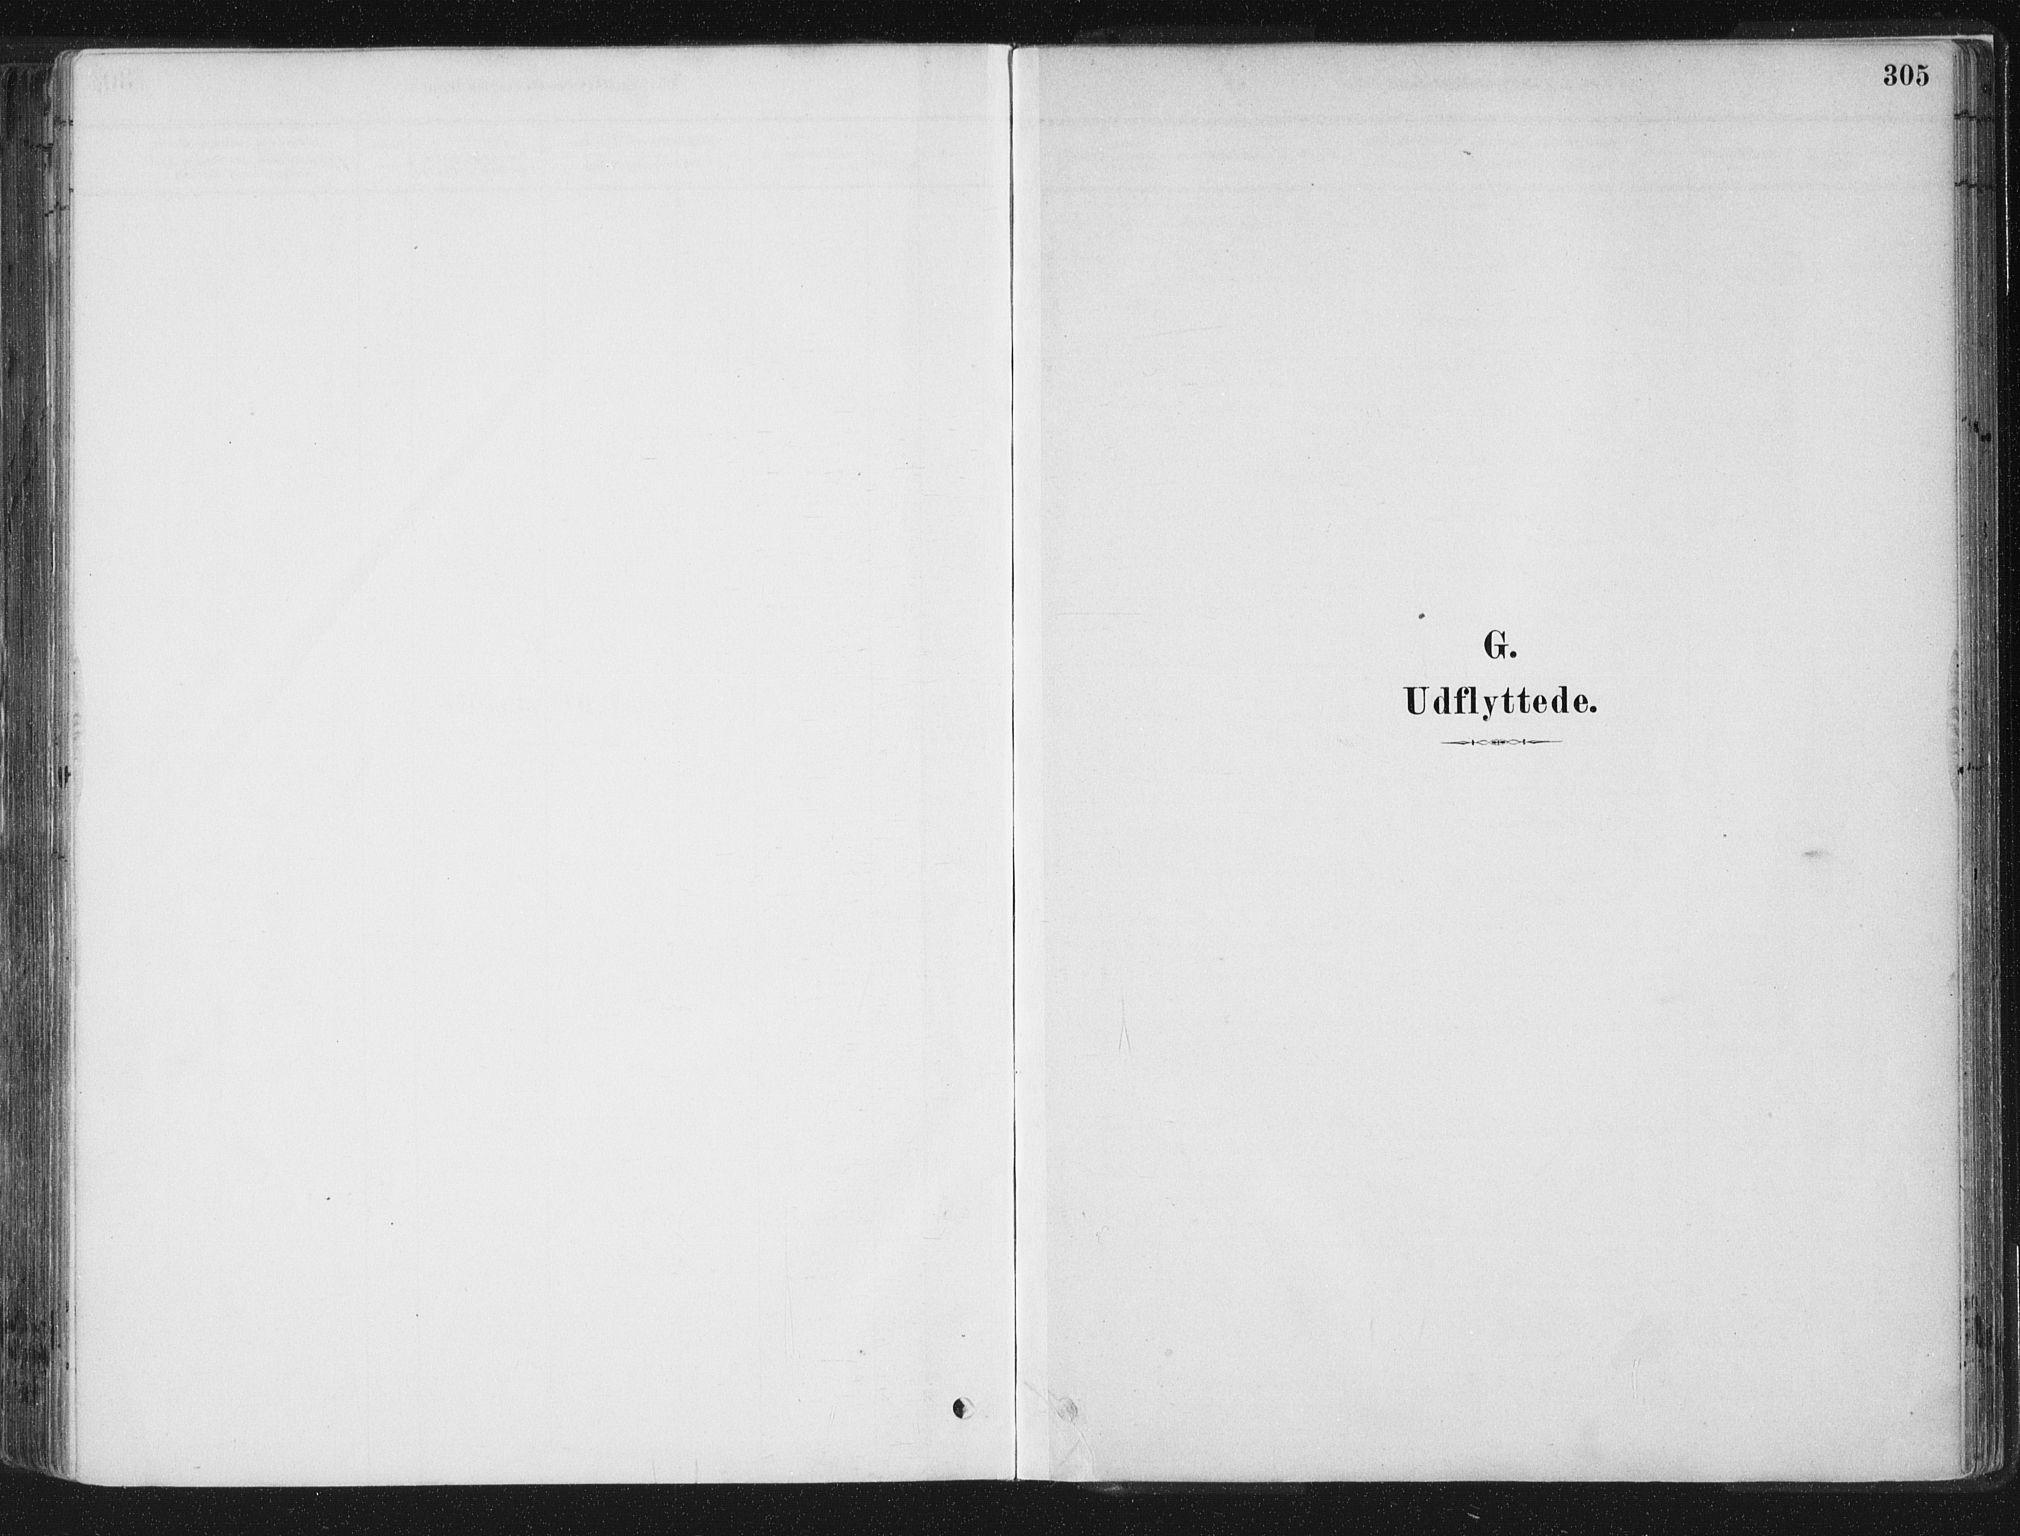 SAT, Ministerialprotokoller, klokkerbøker og fødselsregistre - Sør-Trøndelag, 659/L0739: Ministerialbok nr. 659A09, 1879-1893, s. 305